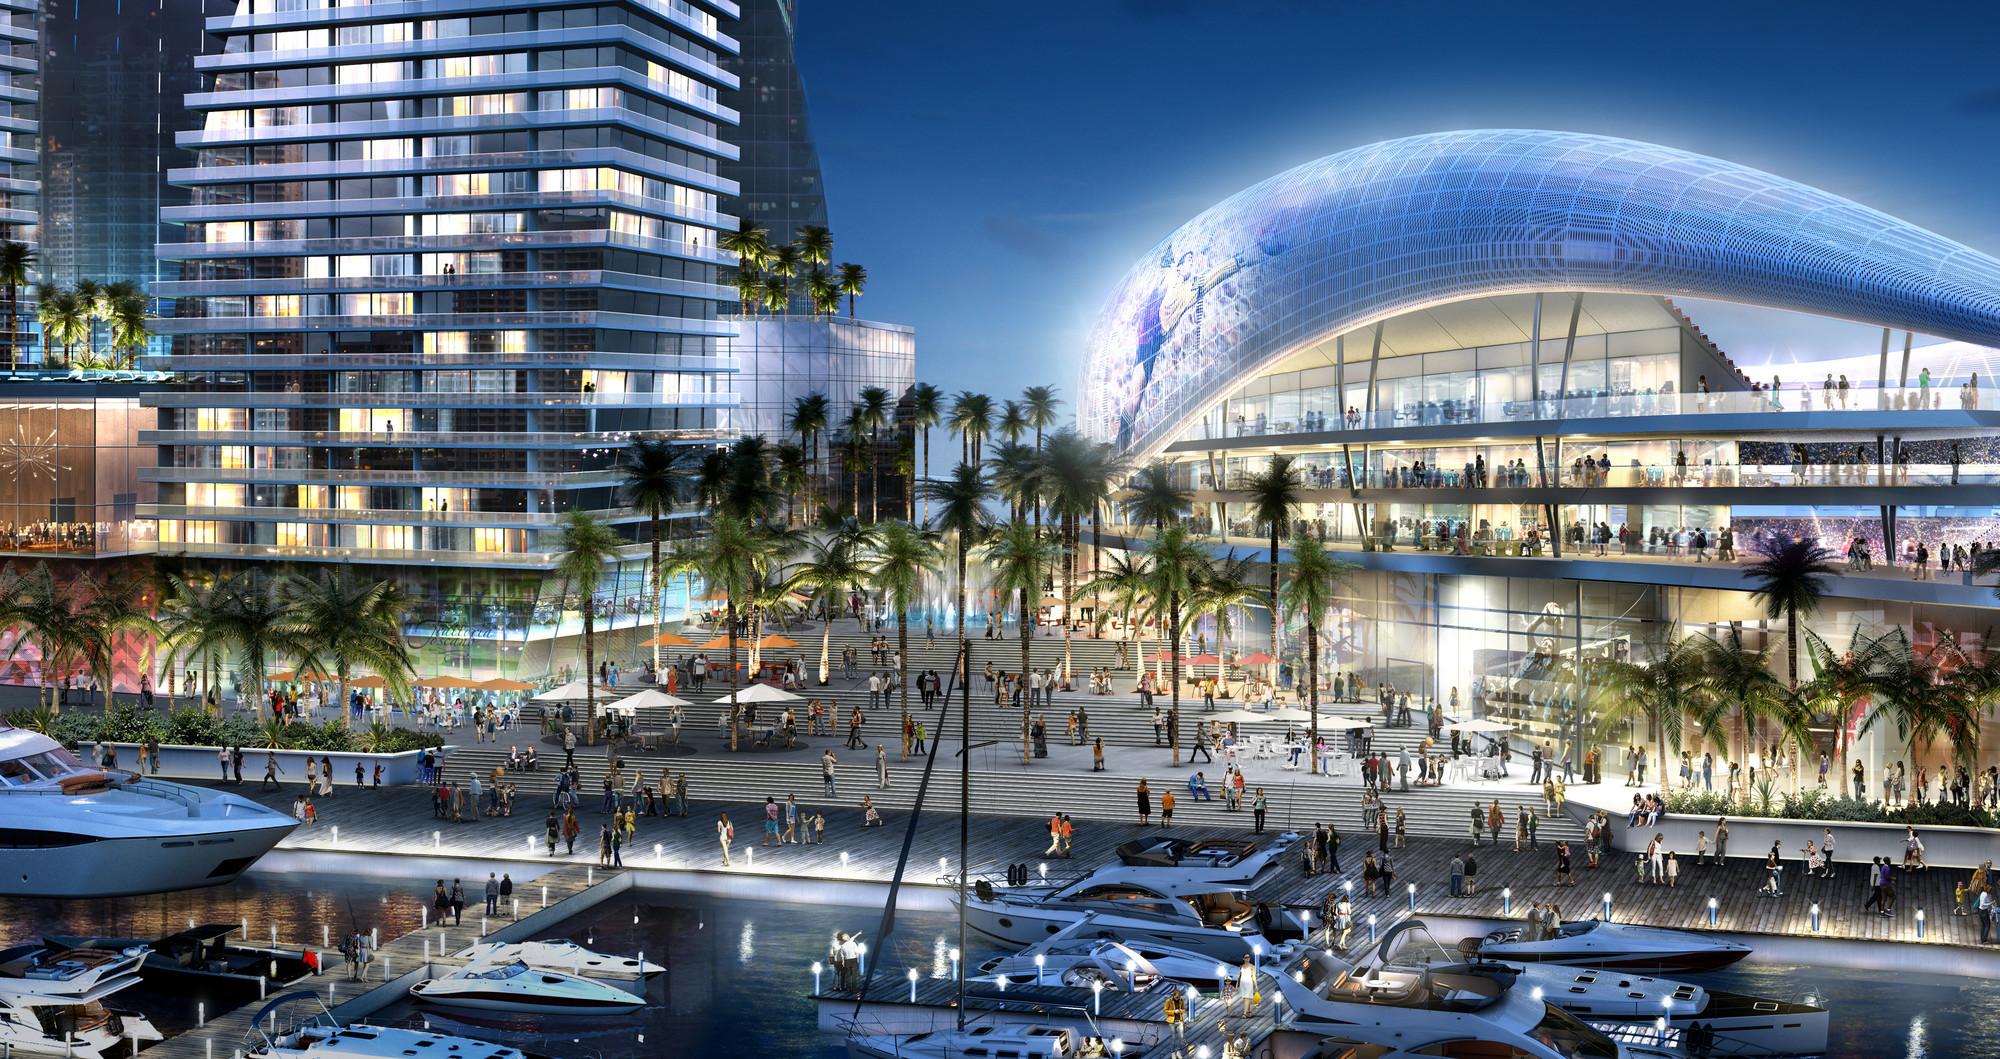 Arquitectonica Proposes Beckham MLS Stadium for Port of Miami, © 360 Architecture and Arquitectonica